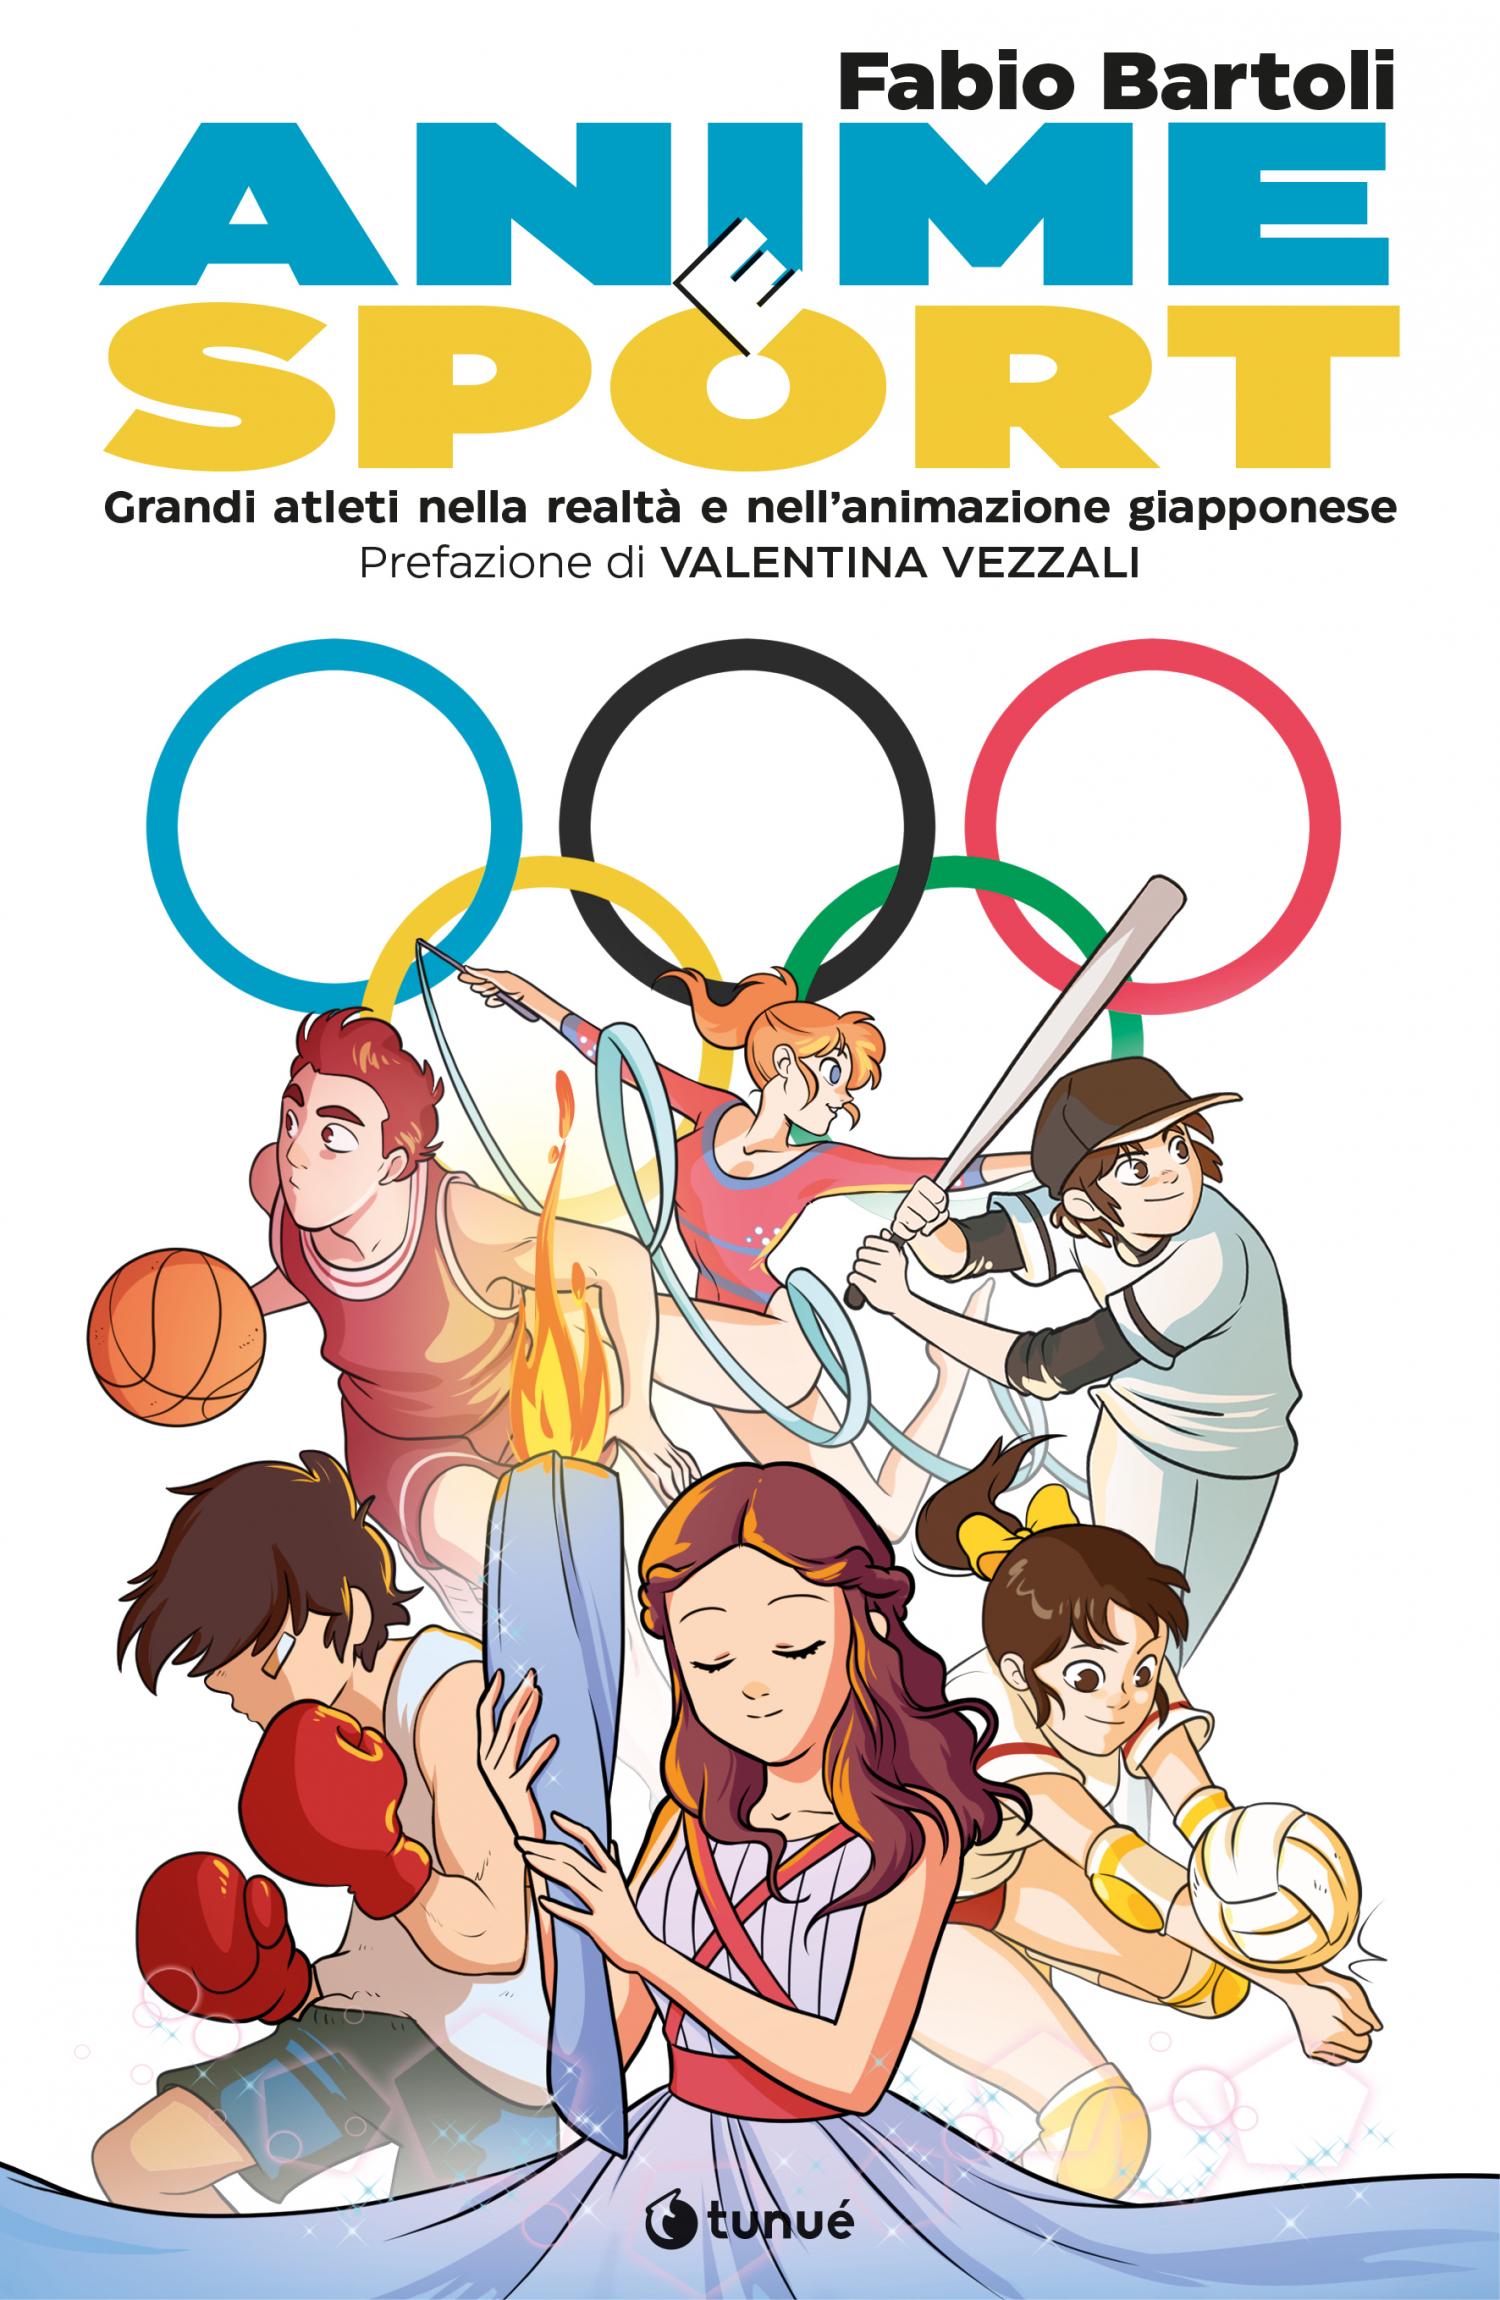 """<p><strong>Domenica 13 giugno&nbsp;alle ore 16:00 Fabio Bartoli presenter&agrave; il suo nuovo libro <a target=""""_blank"""" href=""""https://www.tunue.com/product/anime-e-sport/"""">Anime e Sport. Grandi atleti nella realt&agrave; e nell&rsquo;animazione giapponese</a></strong>, pubblicato&nbsp;per la collana di saggistica &ldquo;Lapilli&rdquo; della <a target=""""_blank"""" href=""""https://www.tunue.com/"""">Tunu&eacute;</a>. <strong>All&#39;incontro interverr&agrave; Andrea Zorzi</strong>,&nbsp;ex pallavolista&nbsp;membro della &quot;generazione di fenomeni&quot;:&nbsp;vincitore nel 1991 del premio della FIVB quale giocatore dell&#39;anno e&nbsp;nel 1990 e nel 1991 del titolo di MVP alla World League, Zorzi &egrave;&nbsp;tra gli&nbsp;sportivi intervistato nel libro.</p><p>&nbsp;</p><p><em>Anime e Sport</em> &ndash; scritto da Bartoli con la prefazione di <strong>Valentina Vezzali</strong> e la curatela di <strong>Marco Pellitteri</strong> &ndash; mette al centro il <strong>legame tra lo sport e la cultura giapponese</strong>, declinata attraverso due delle sue espressioni pi&ugrave; popolari al mondo: il manga (fumetti) e soprattutto gli anime (serie animate).</p><p><strong>Nella storia del Giappone moderno lo sport riveste un ruolo cruciale</strong>, giunto al culmine nelle Olimpiadi di Tokyo 1964. Questo evento, svoltosi in concomitanza con l&rsquo;inizio della diffusione televisiva e di massa degli anime, impresse il suo marchio indelebile sulla loro declinazione anche in chiave sportiva. Infatti negli anime, come anche nei manga, il genere sportivo &egrave; uno dei pi&ugrave; popolari: non veicola soltanto trame e personaggi dediti alla pratica agonistica ma anche valori pienamente radicati nell&rsquo;etica nipponica.</p><p>Al racconto di <em>Anime e Sport</em> si intrecciano indissolubilmente le <strong>interviste a grandi campioni</strong> che ripercorrono le proprie carriere e commentano trame, personaggi e valori delle serie dedicate alla loro disciplina. Infatti, nella second"""